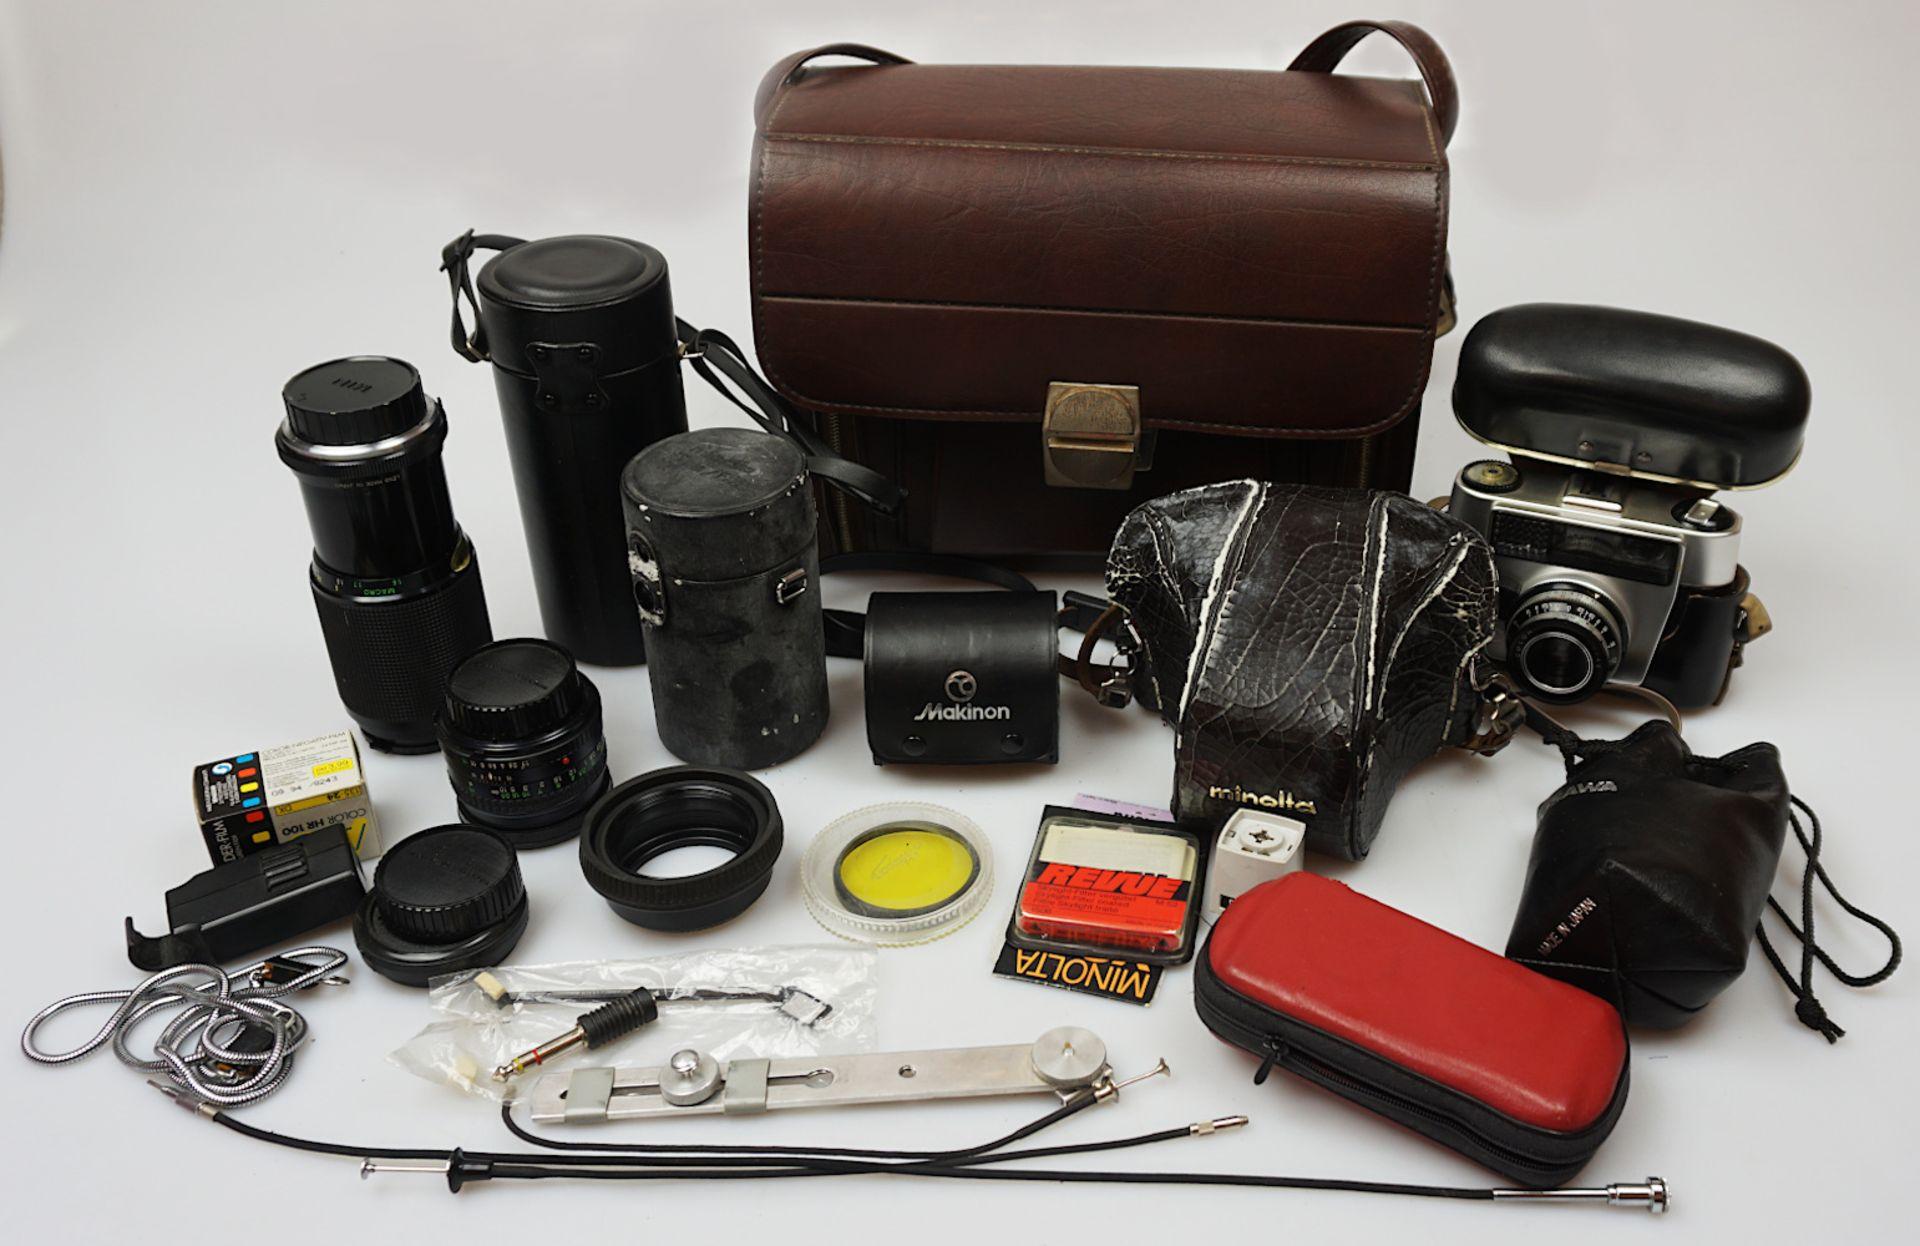 """2 Fotoapparate MINOLTA """"SR T303b"""" und PORST """"KB 100"""" sowie Objektive REVUE """"Non-Zoom 1"""